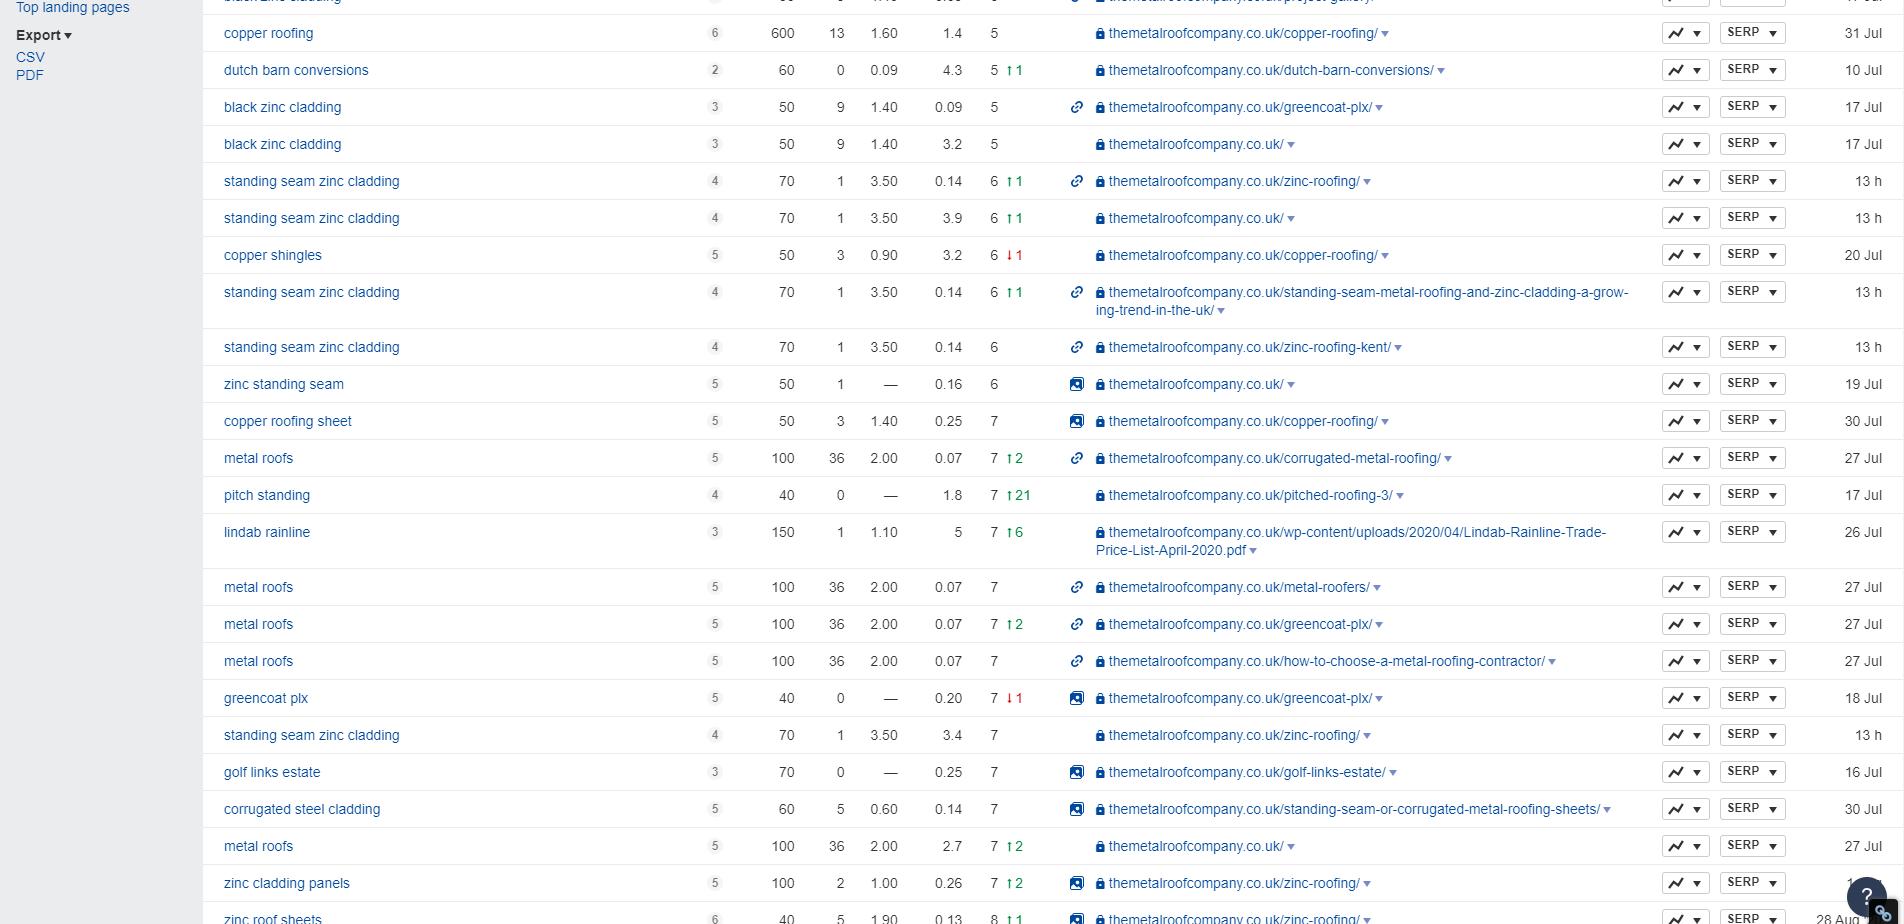 Rankings 4